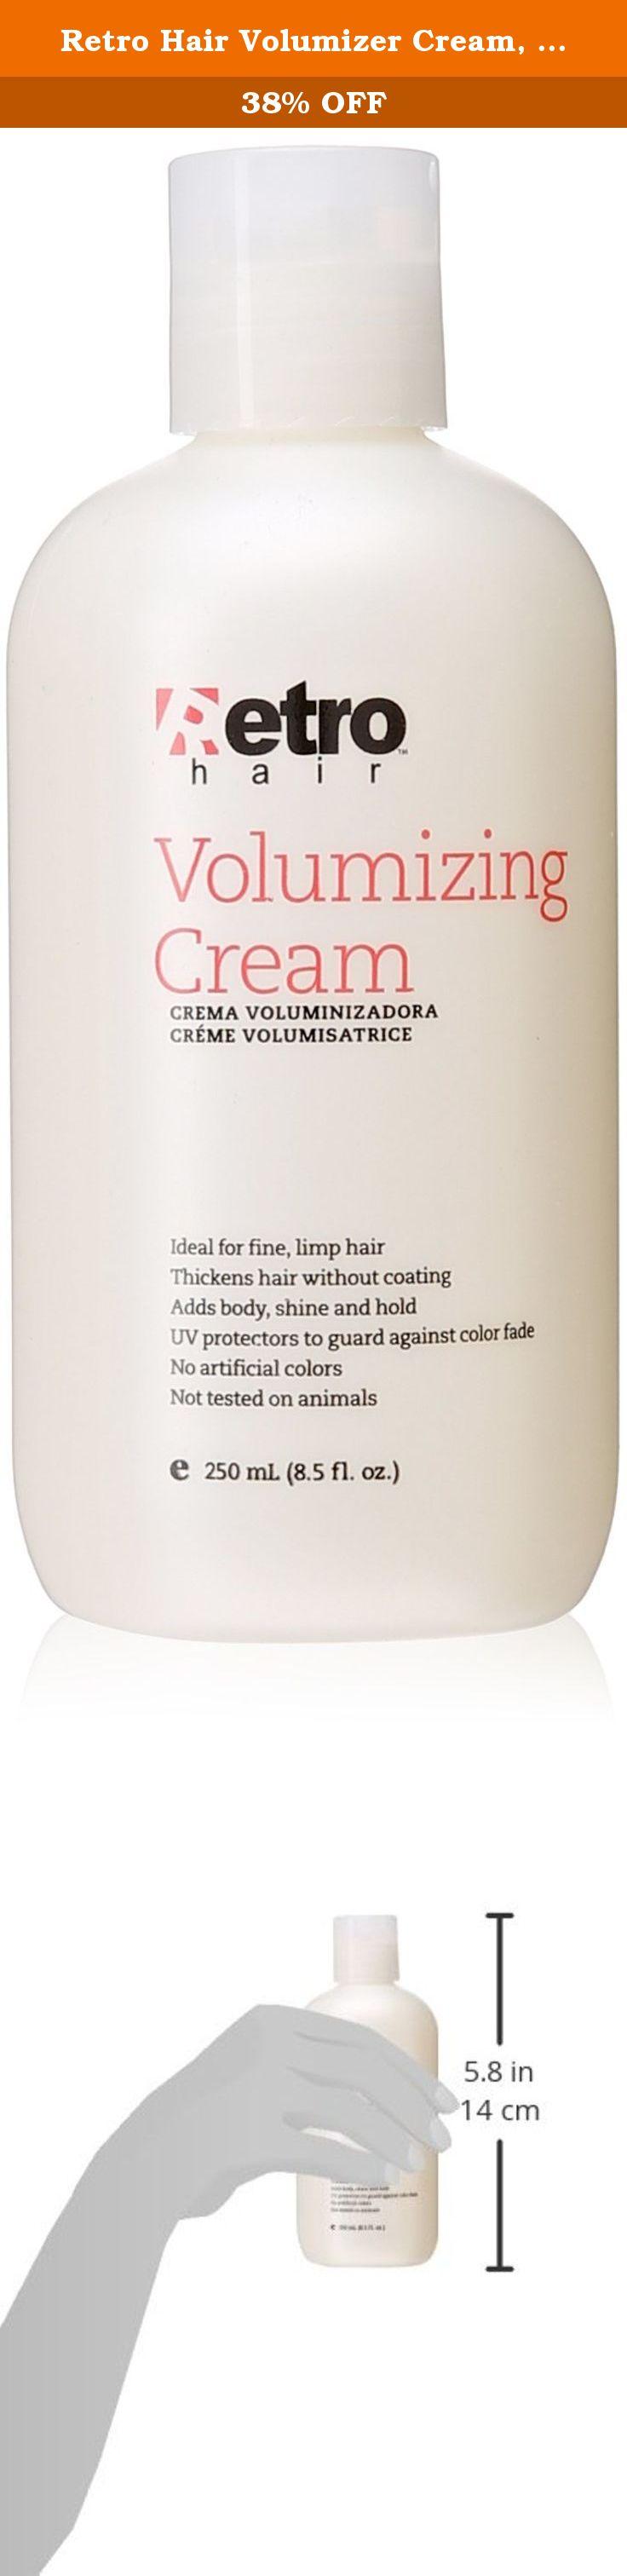 Retro Hair Volumizer Cream 8 Fluid Ounce This Retro Hair Volumizer